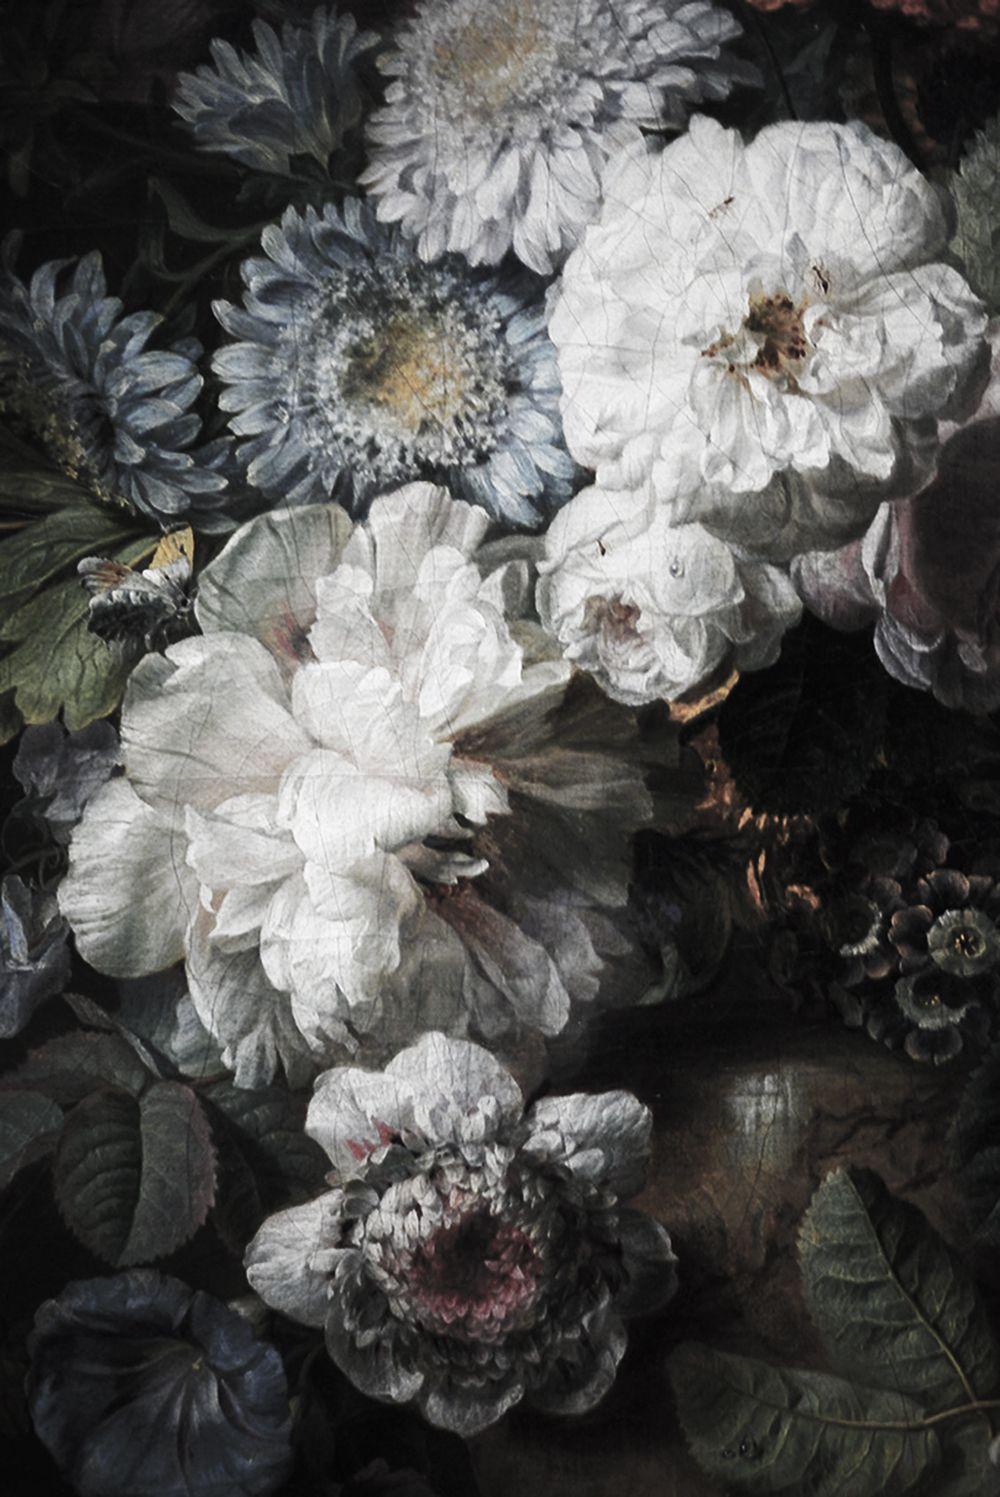 Black floral print wallpaper dark floral wallpaper by ellie cashman - Dark Floral Mural Floral Wallpaper Vintage Illustration 108